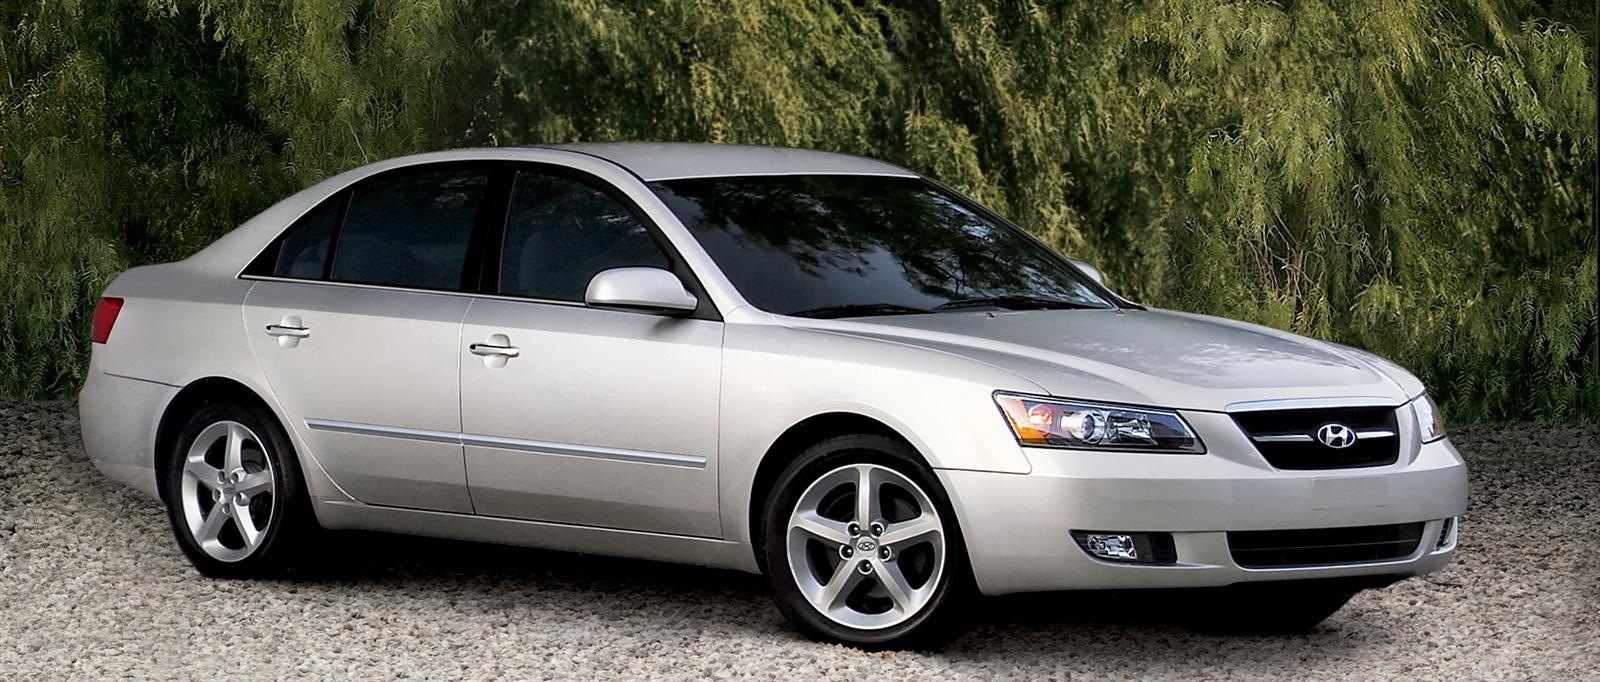 2004 Hyundai Sonata Image 21